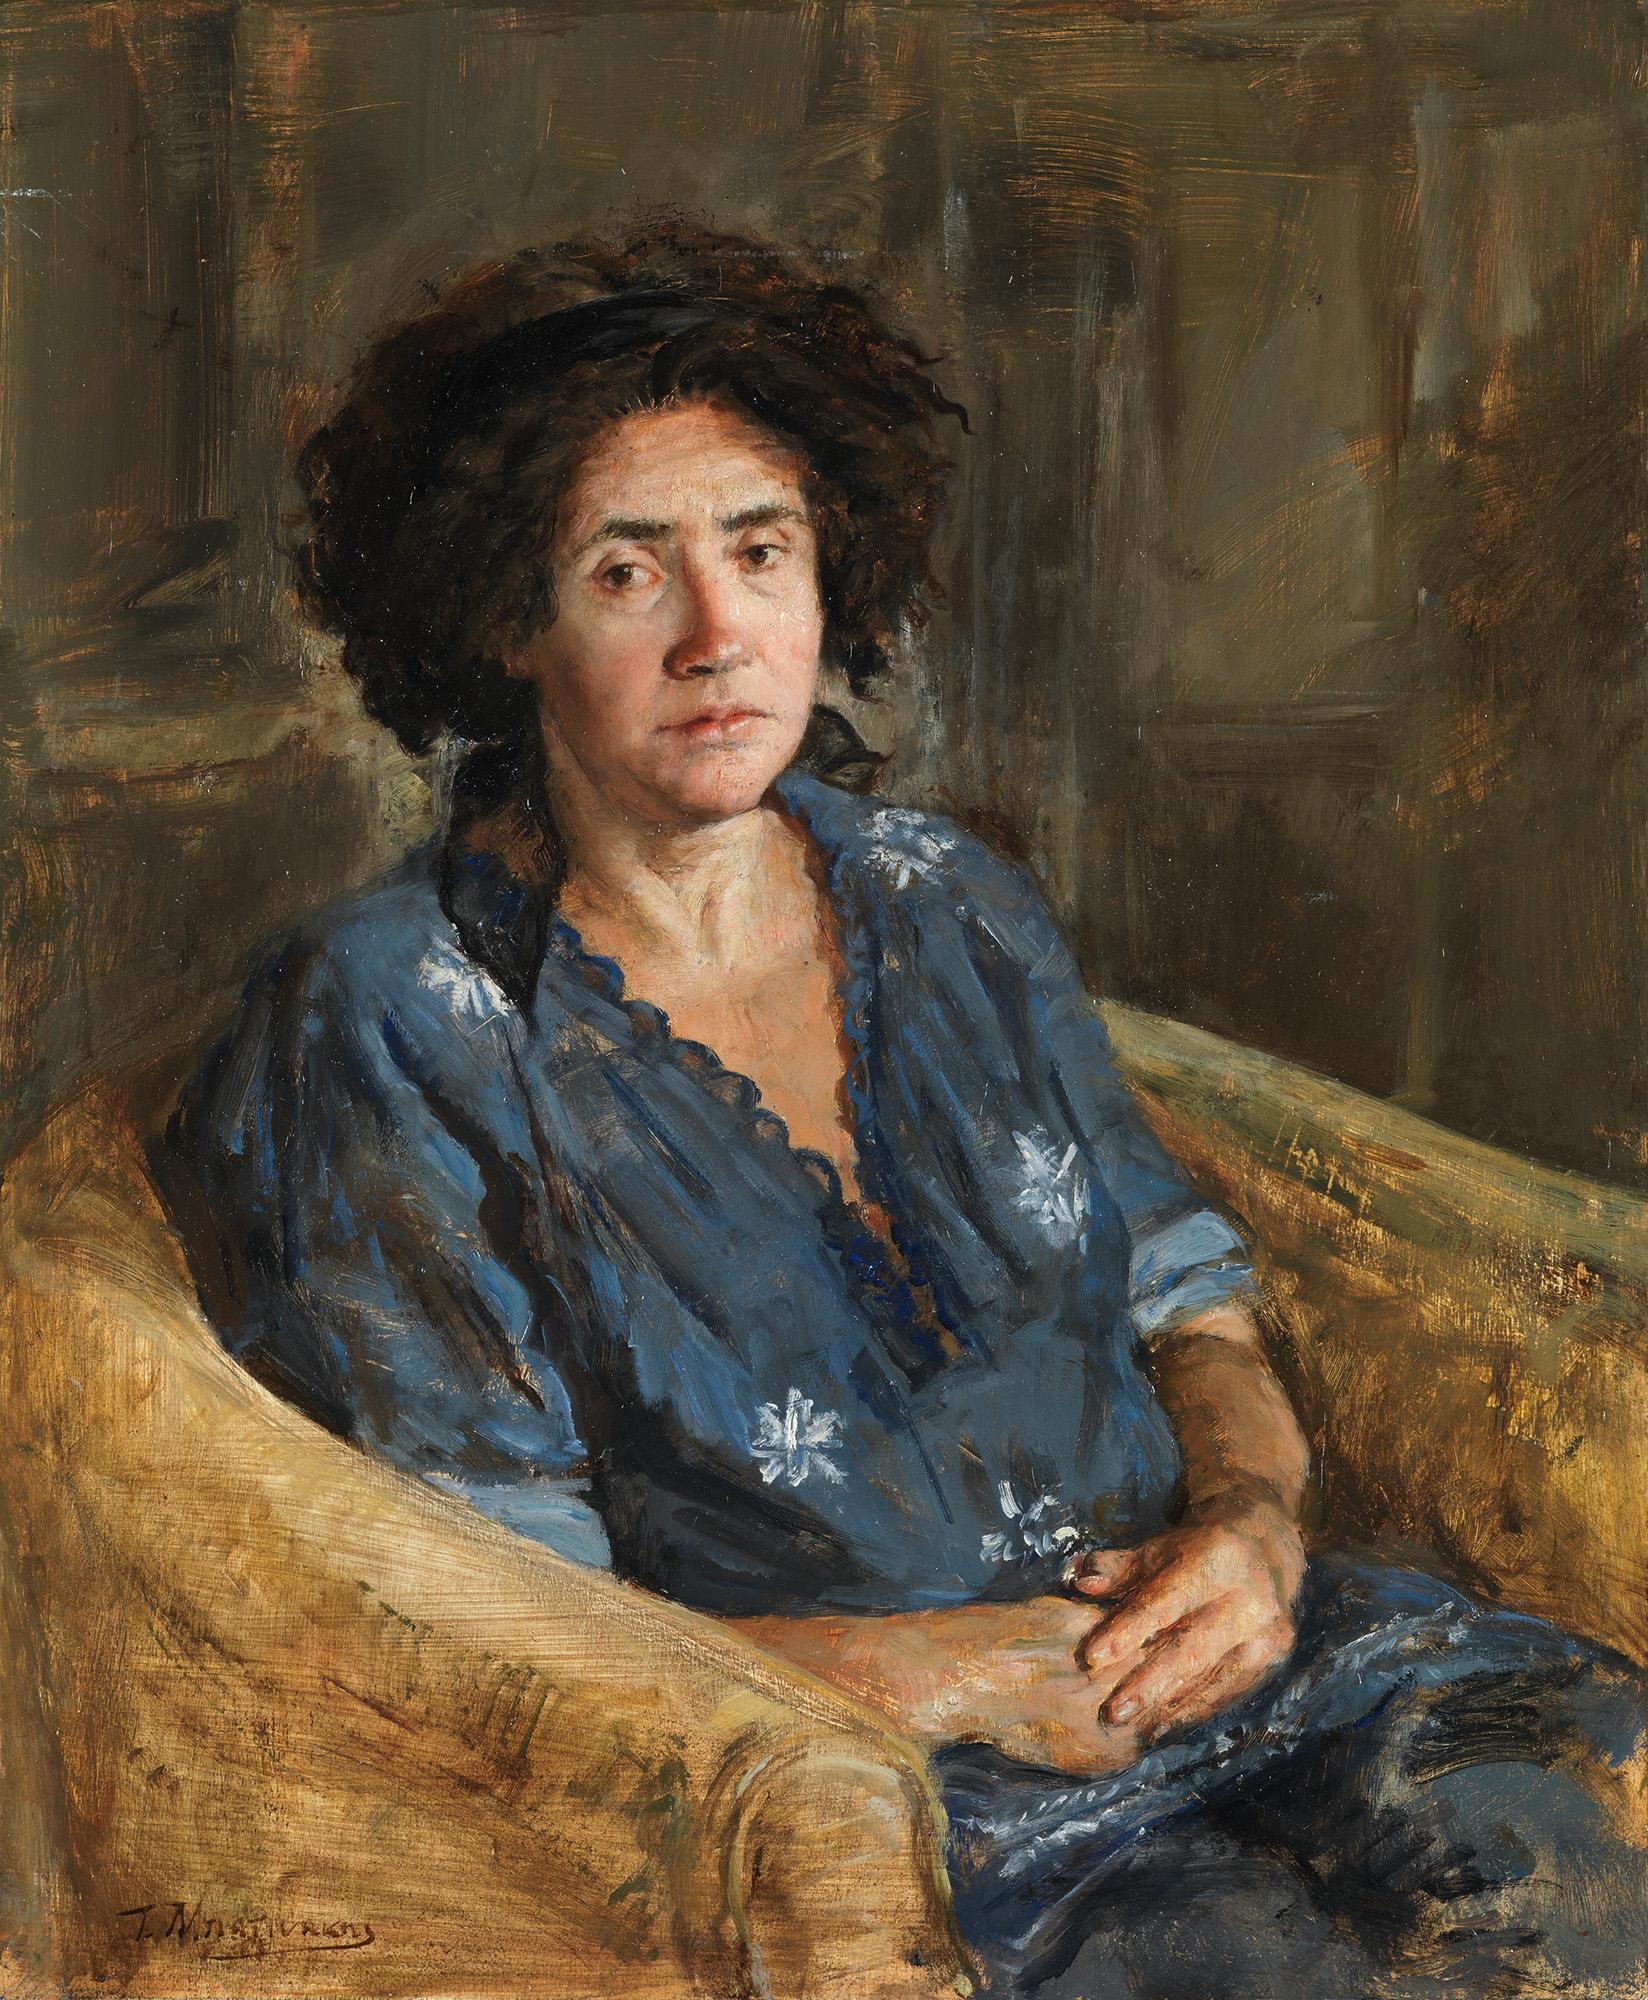 Δεκαπέντε χρόνια ζωγραφικής: Έκθεση του Τίμου Μπατινάκη στην Evripides Art Gallery